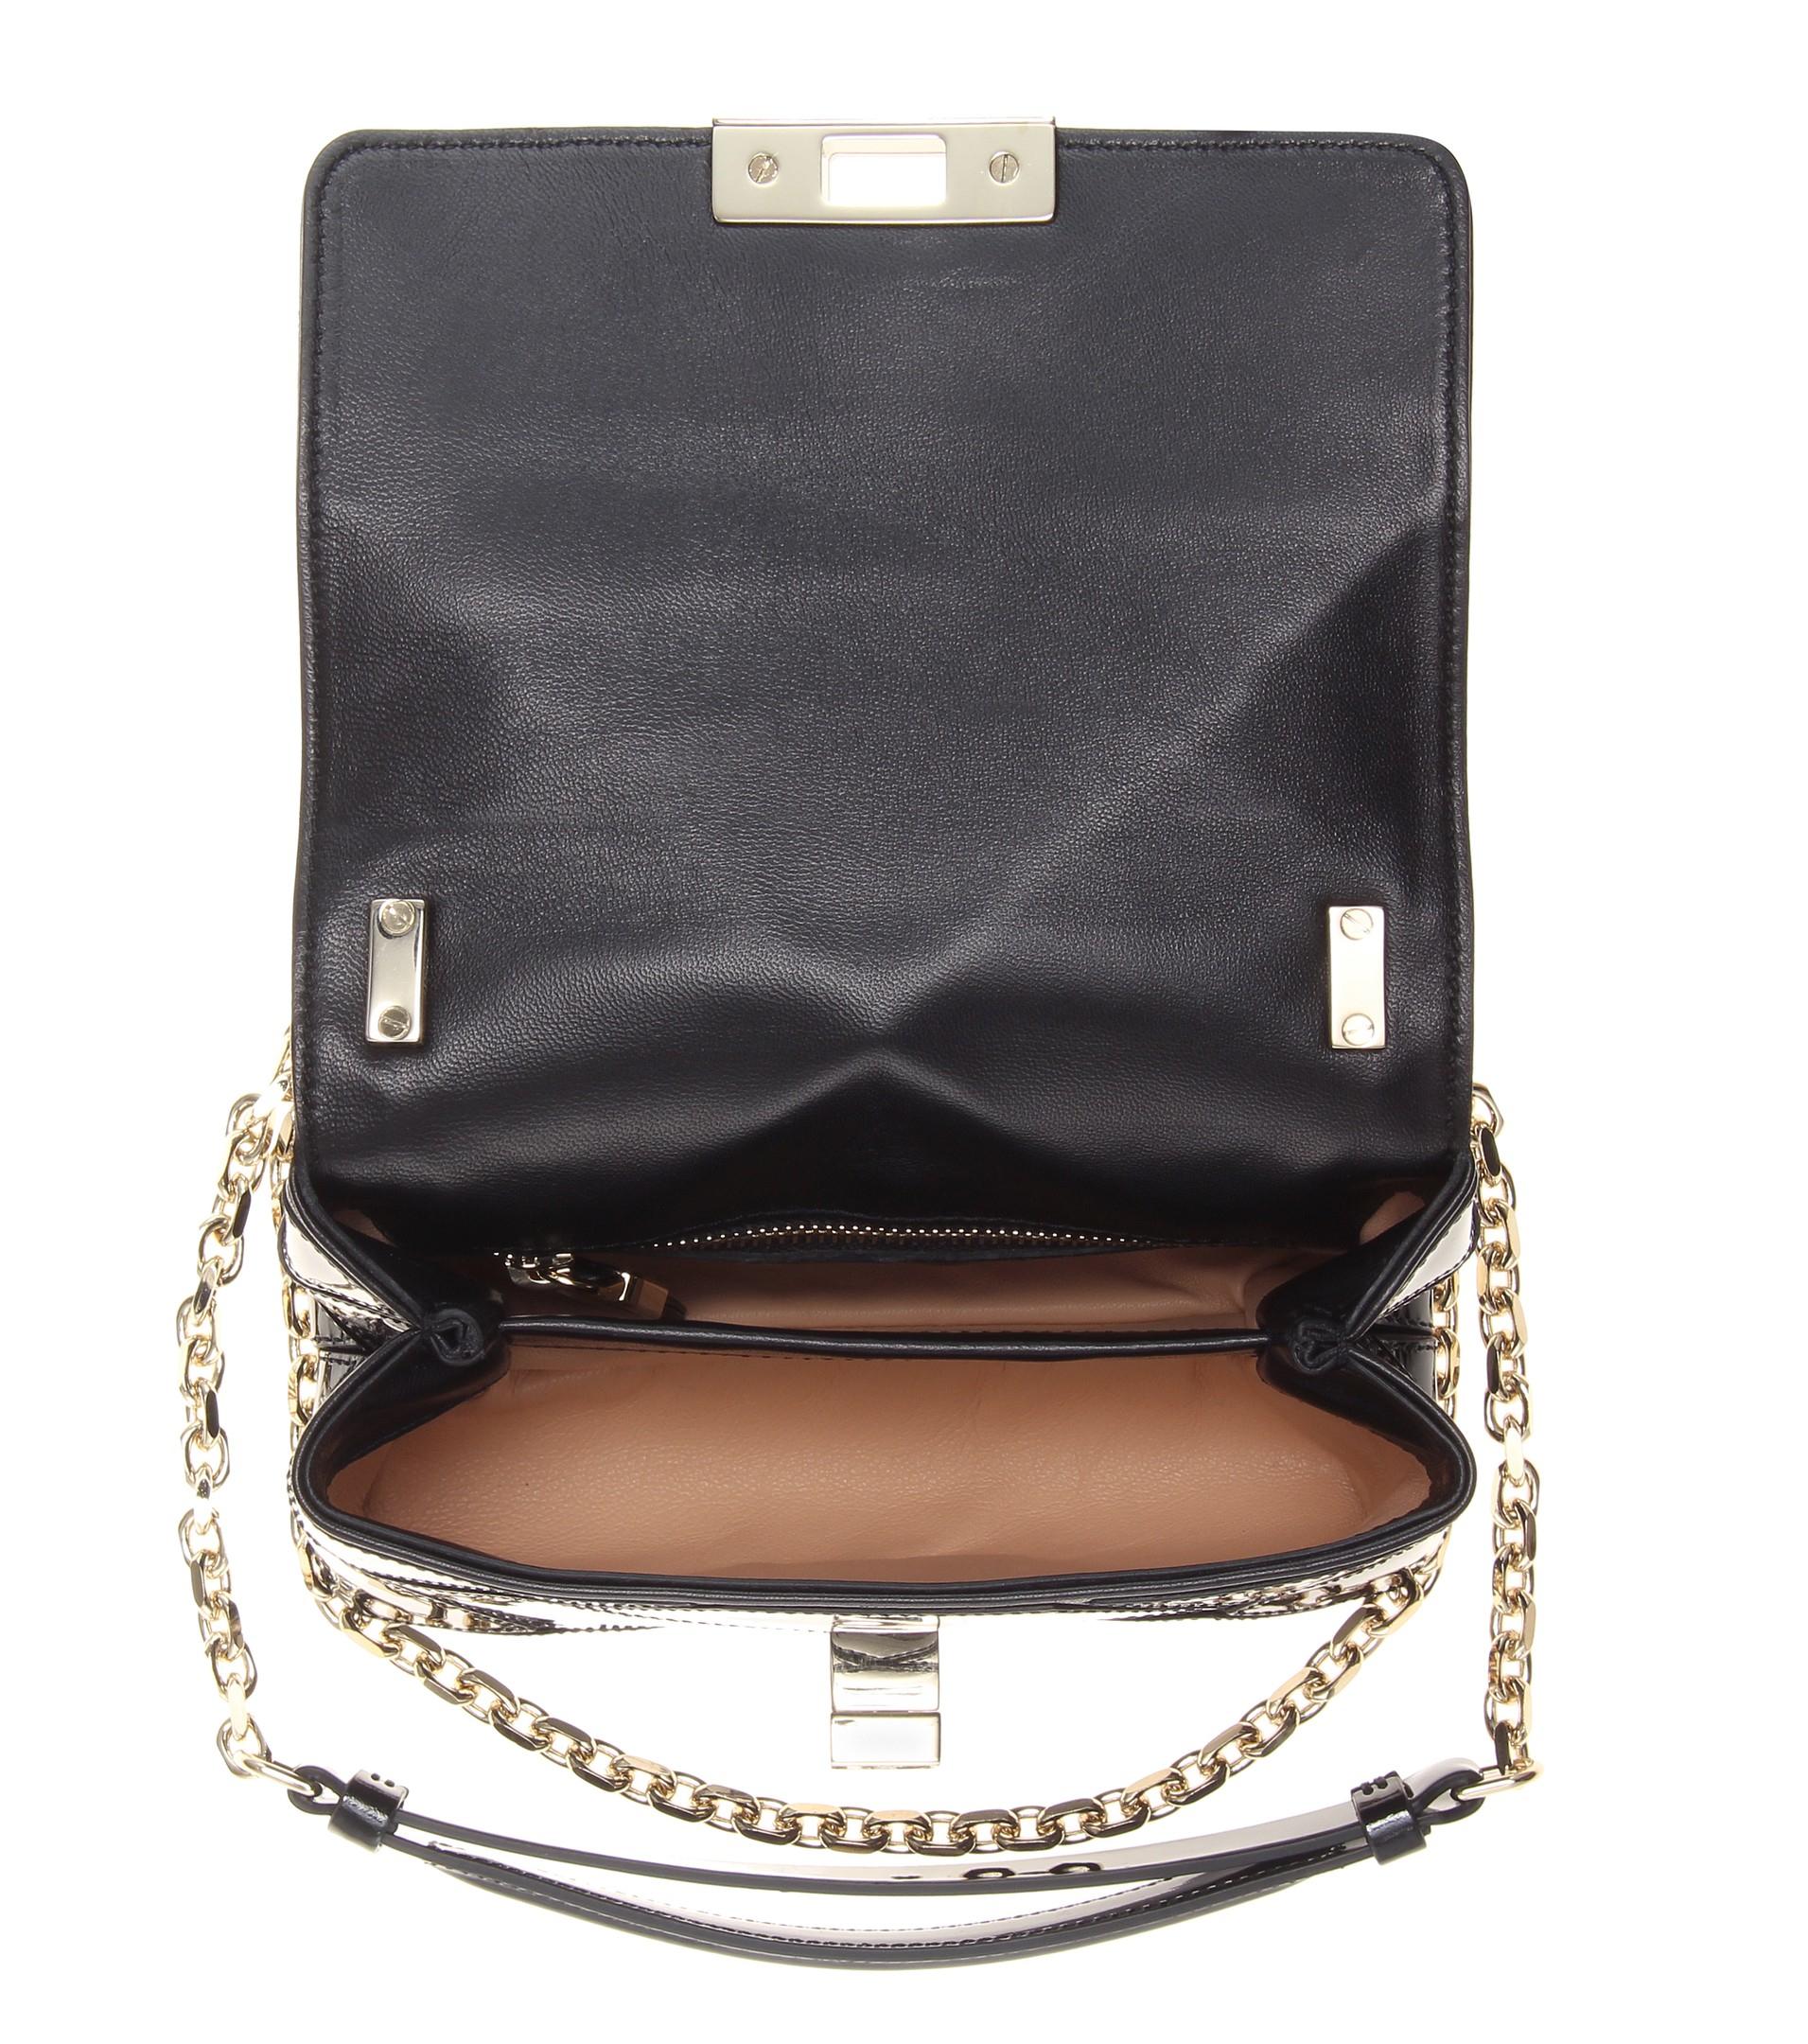 Lyst - Roger Vivier Prismick Micro Patent-Leather Shoulder Bag in Black 2c5f939f27fc9